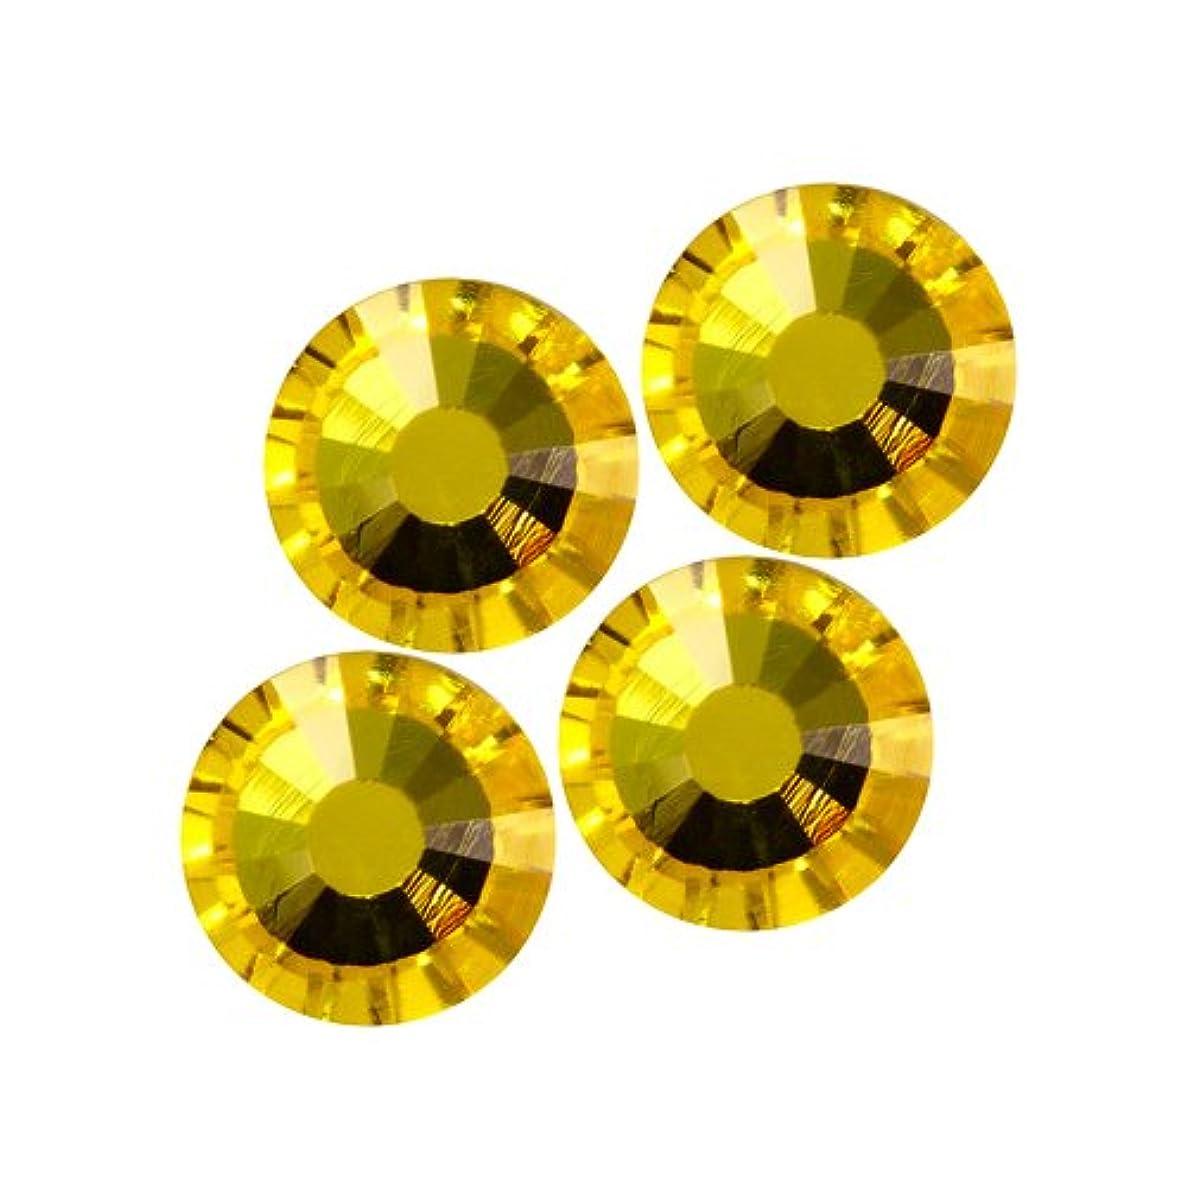 投資する精神的にコンパスバイナル DIAMOND RHINESTONE シトリンSS8 720粒 ST-SS8-CIT-5G